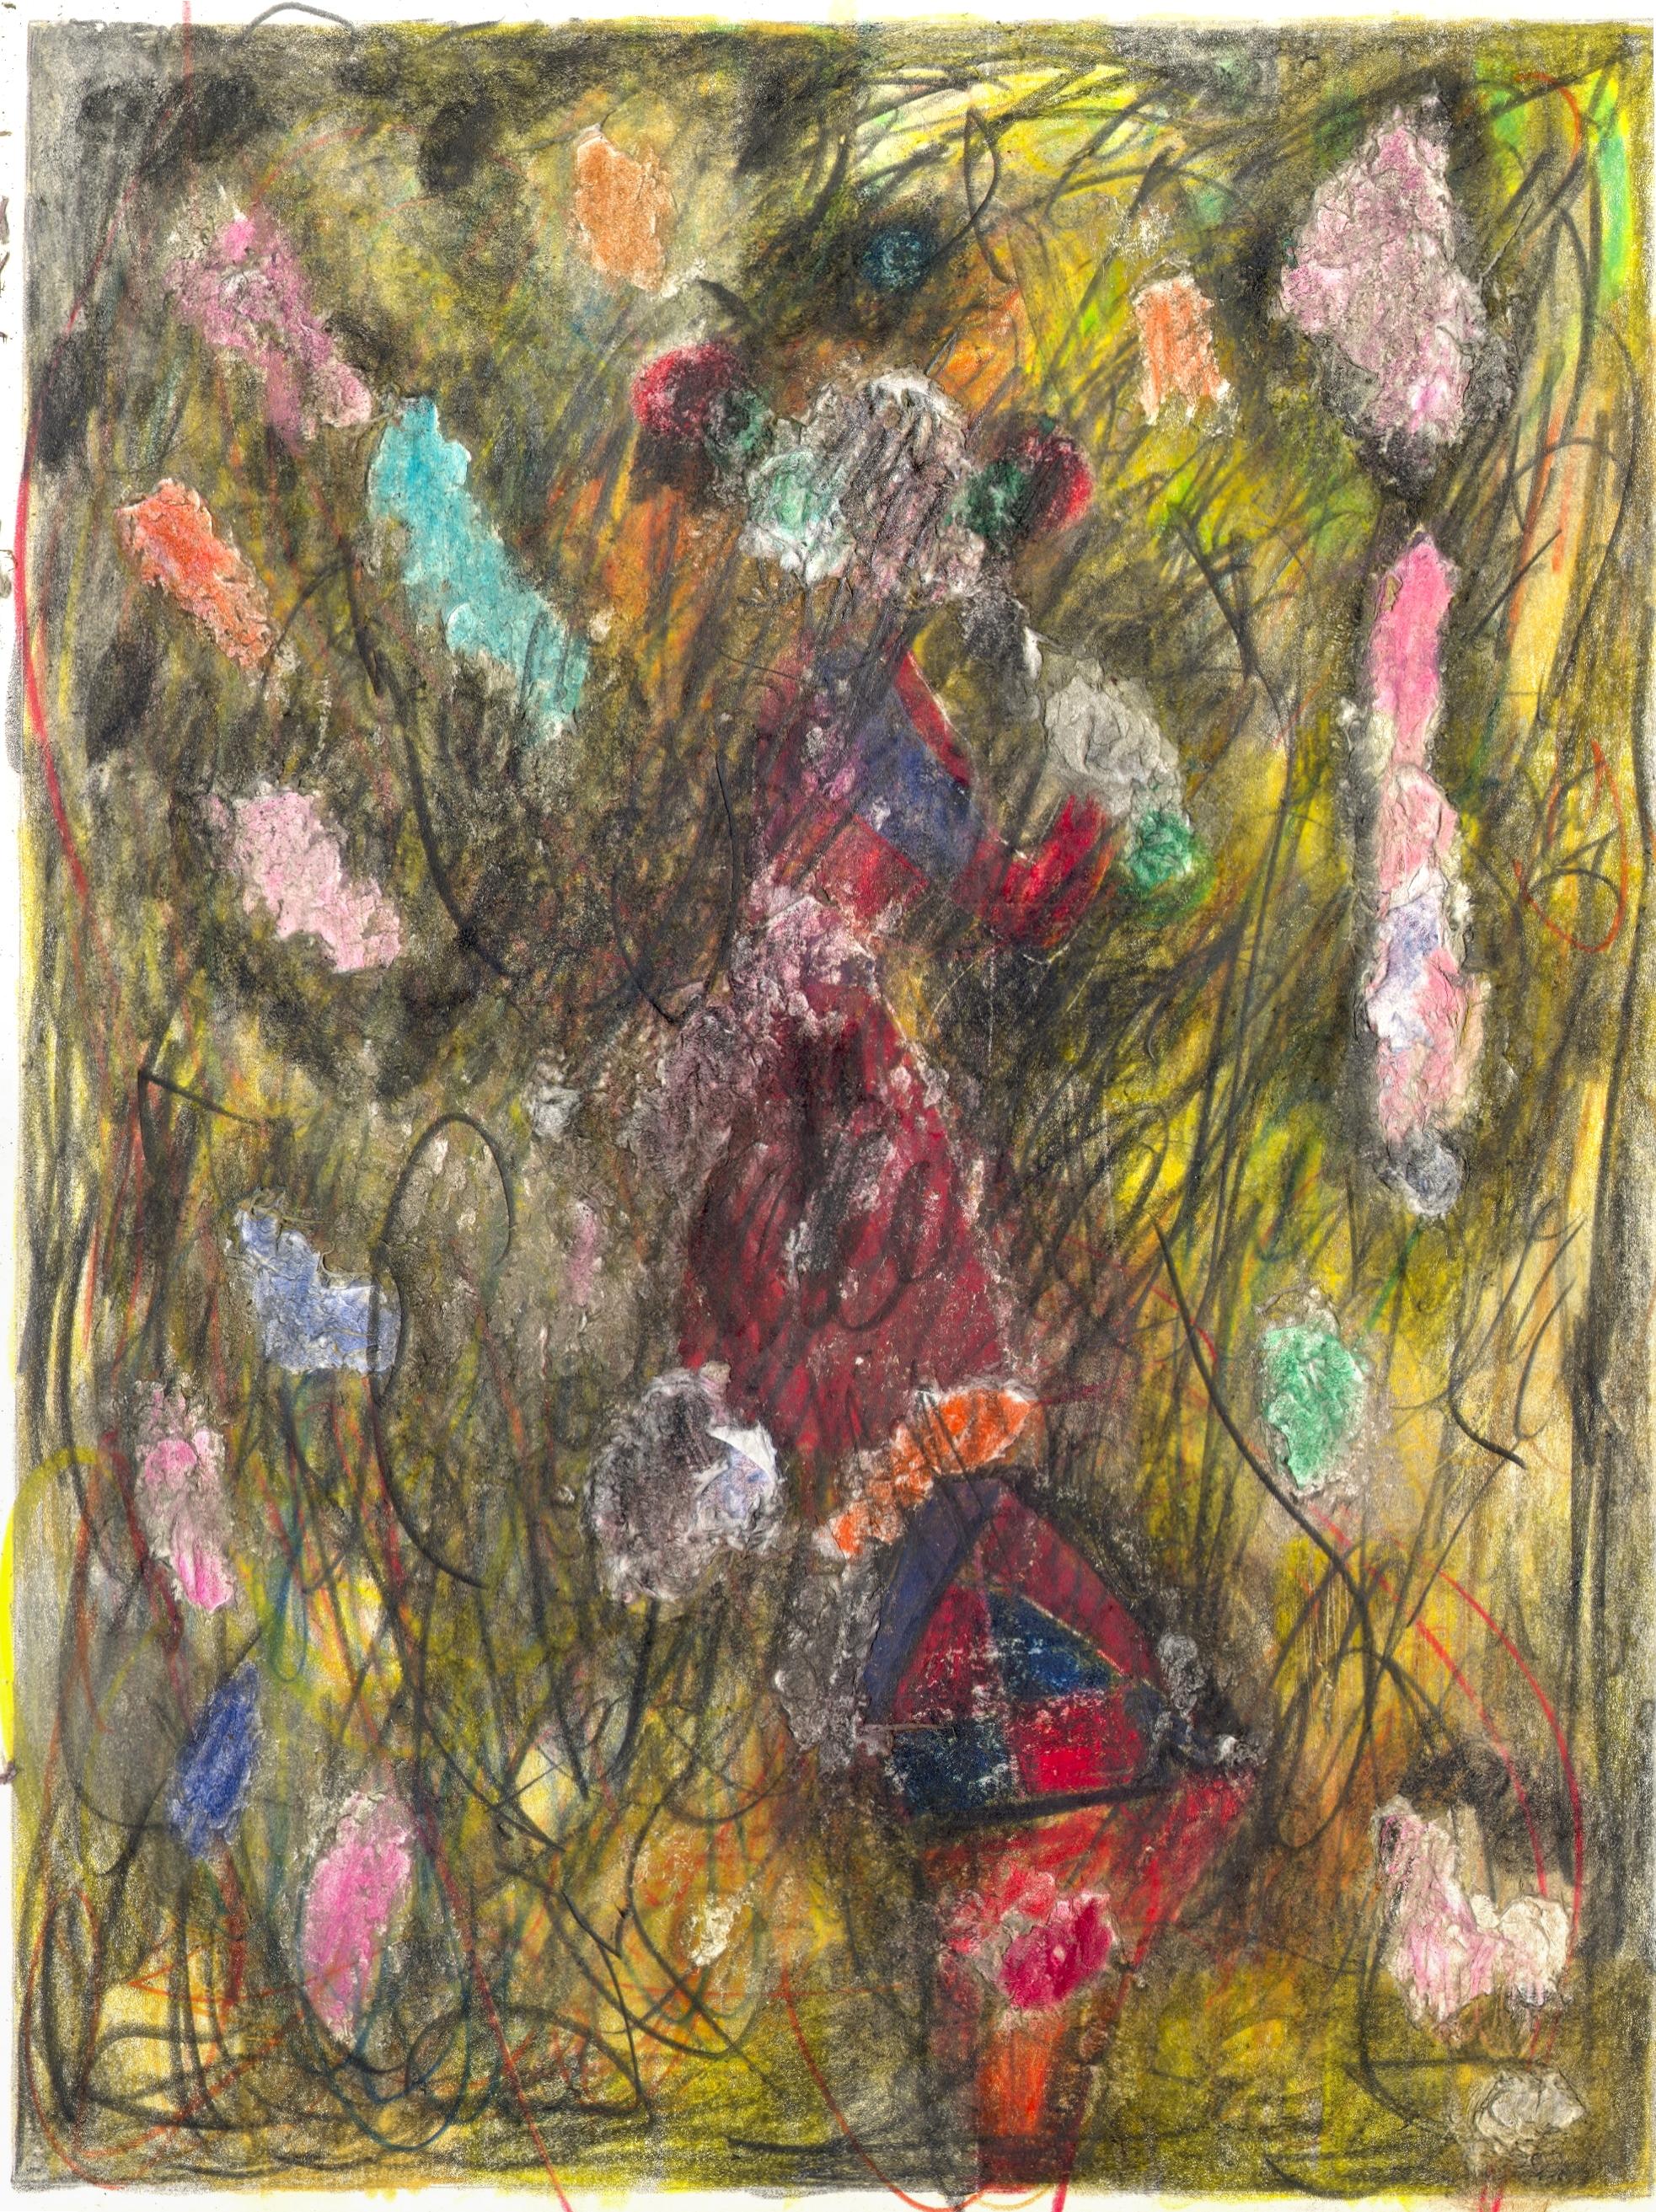 O.T. ( Abstratktion dunkel ), 2018  Bleistift Buntstift auf Papier, 26x35.5cm